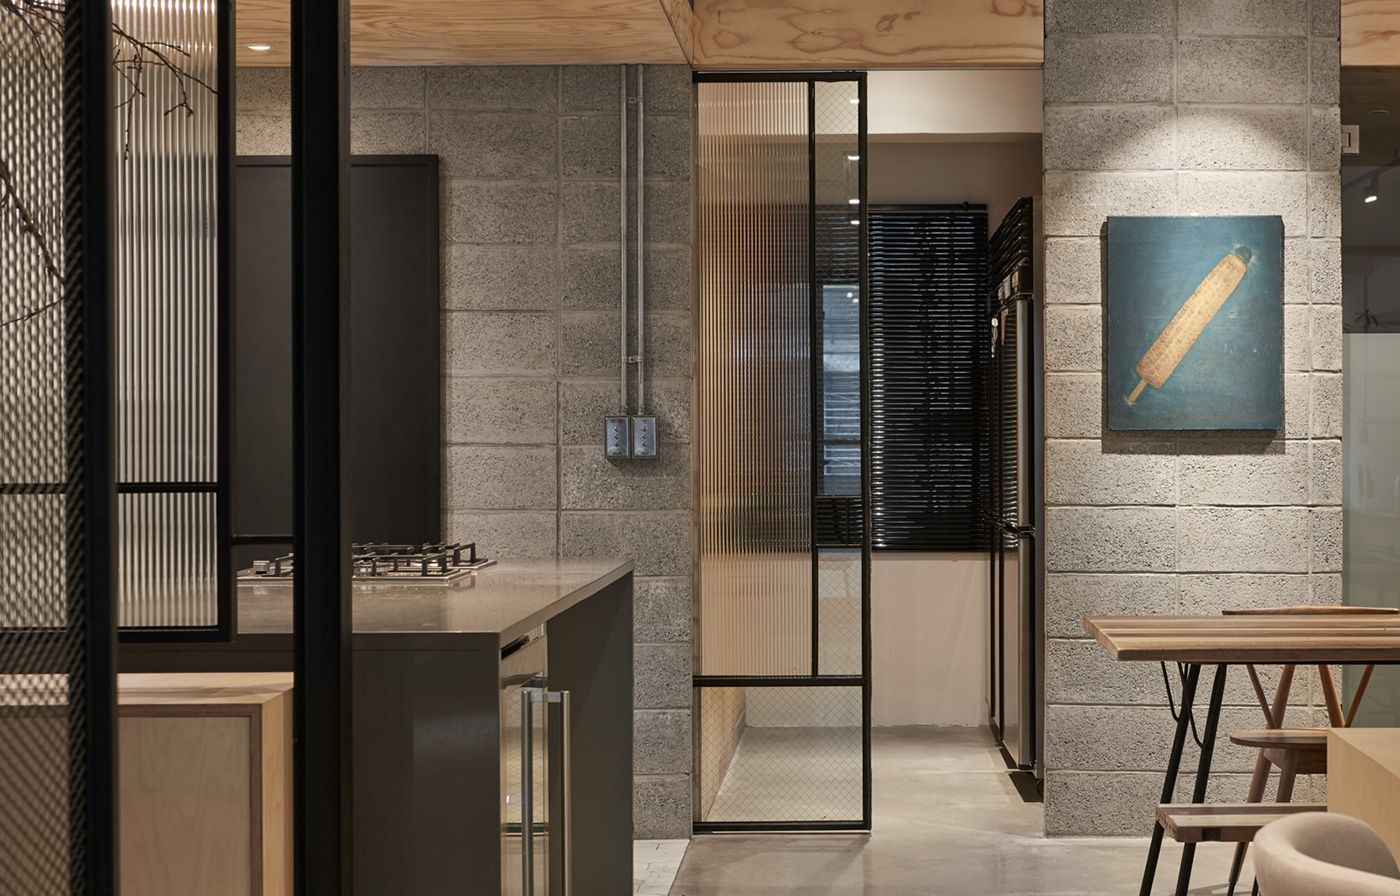 Bedroom interior design with almirah pin by f g on doorwindow  pinterest